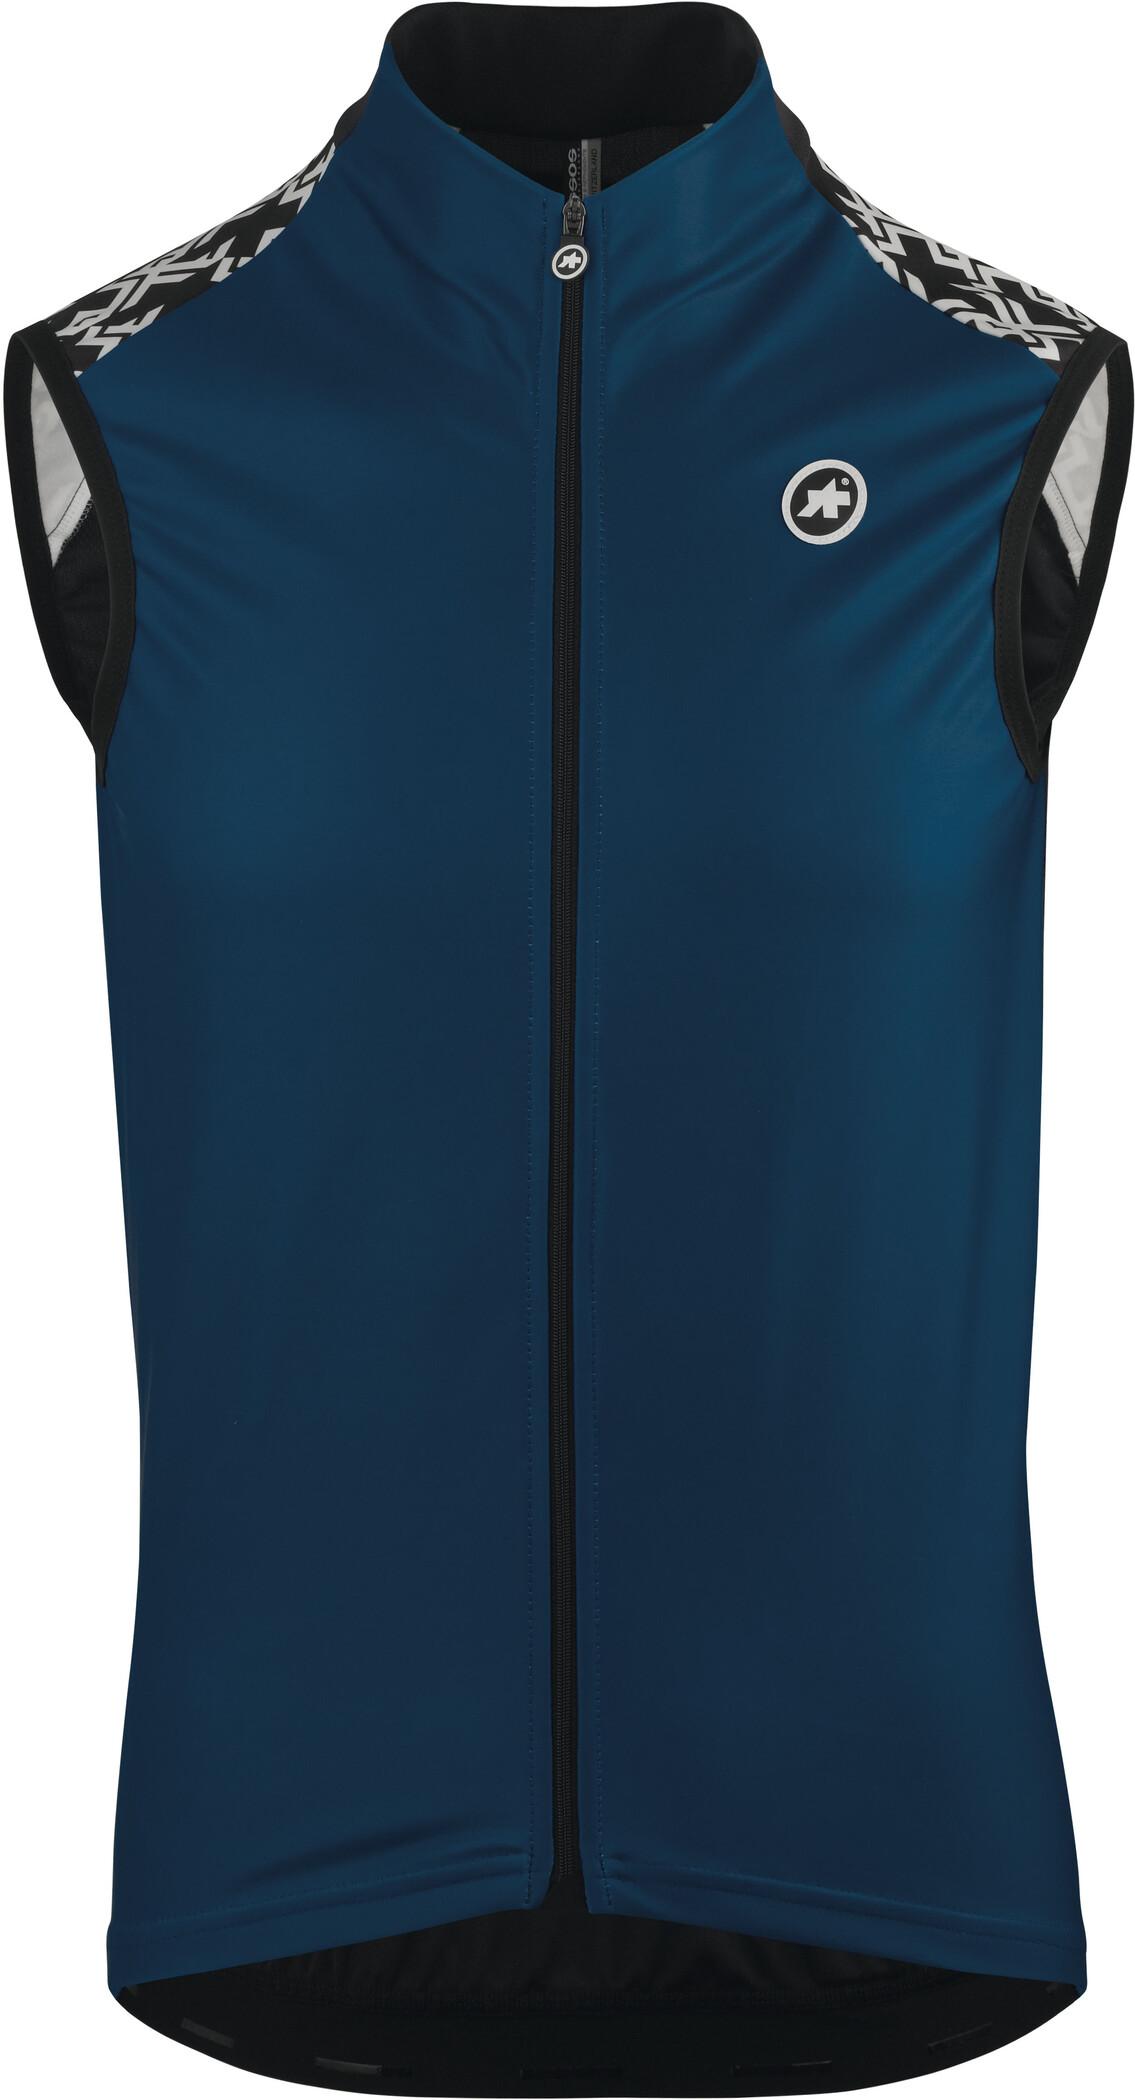 assos Mille GT Vest, caleum blue (2019) | Vests